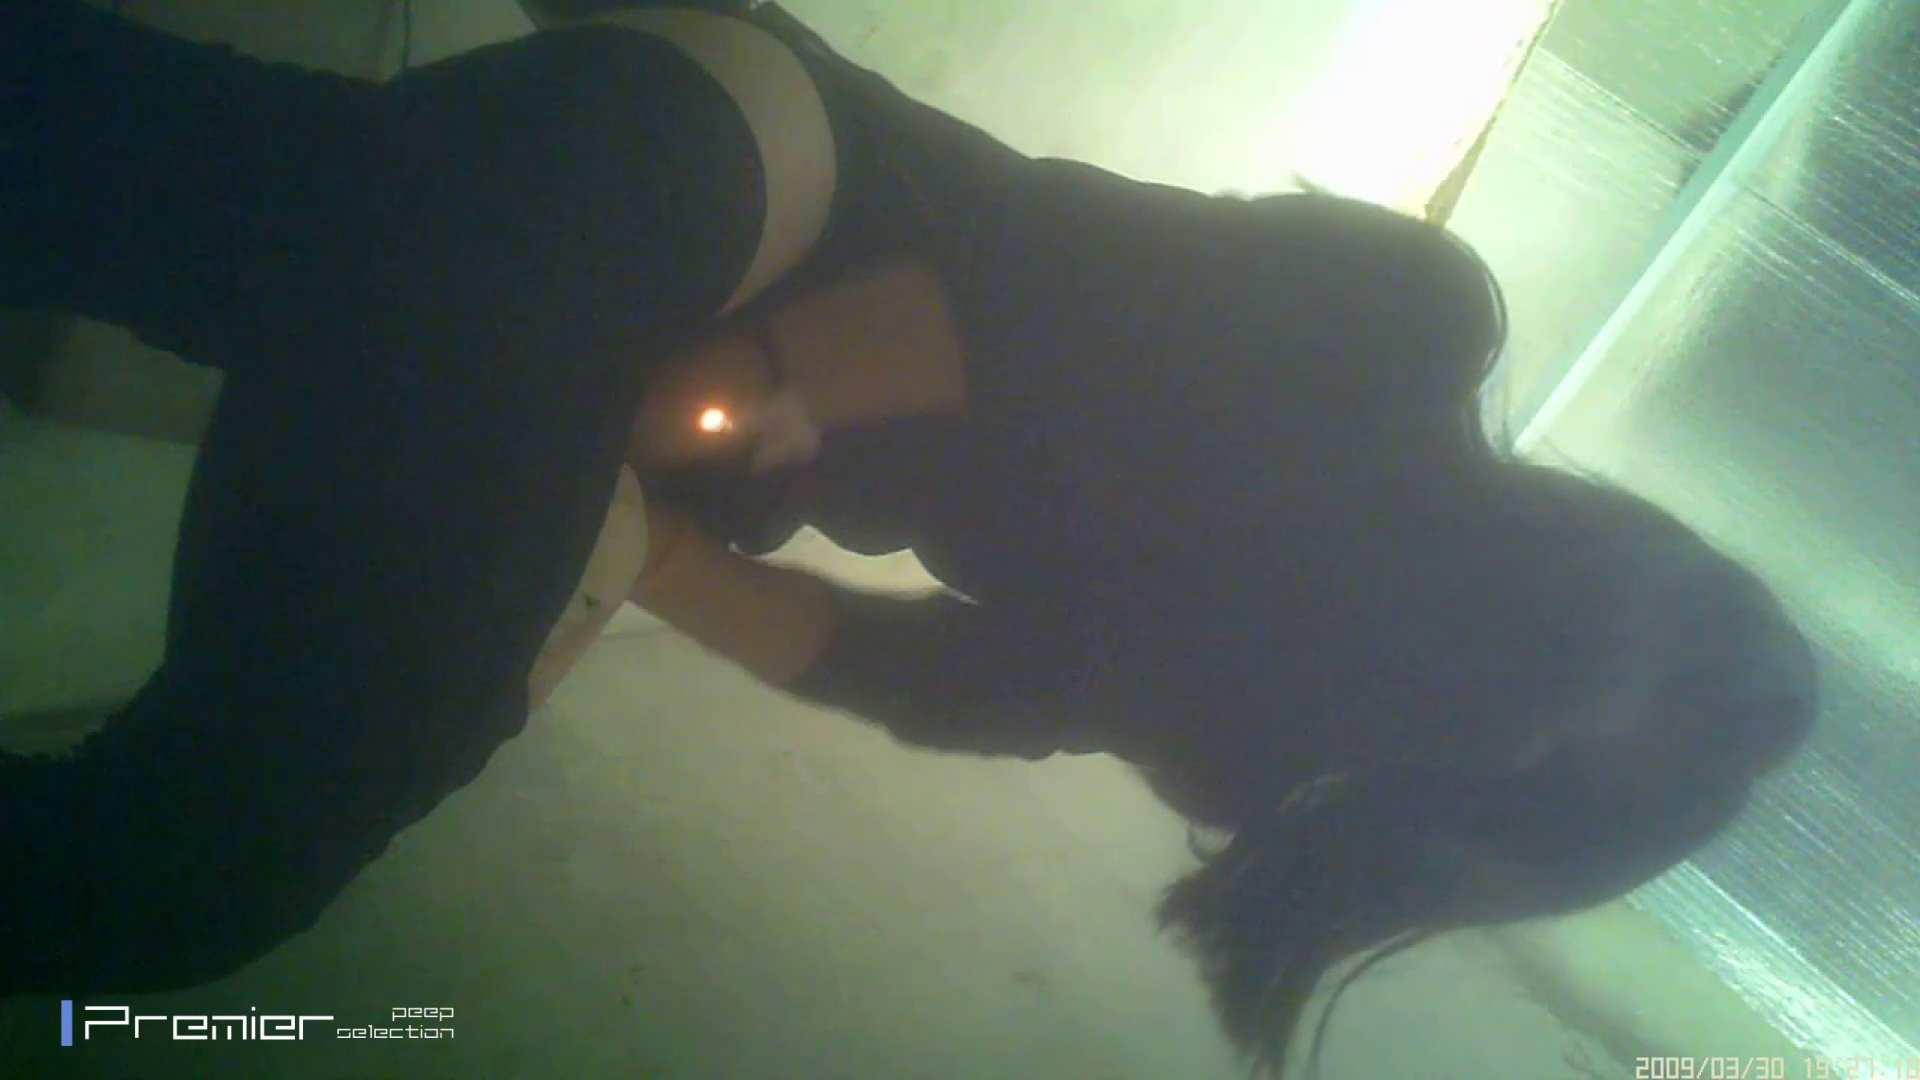 美女のパンチラ&トイレシーンを密着盗撮!! 盗撮コレクションVol.04 美肌 おめこ無修正画像 46画像 4